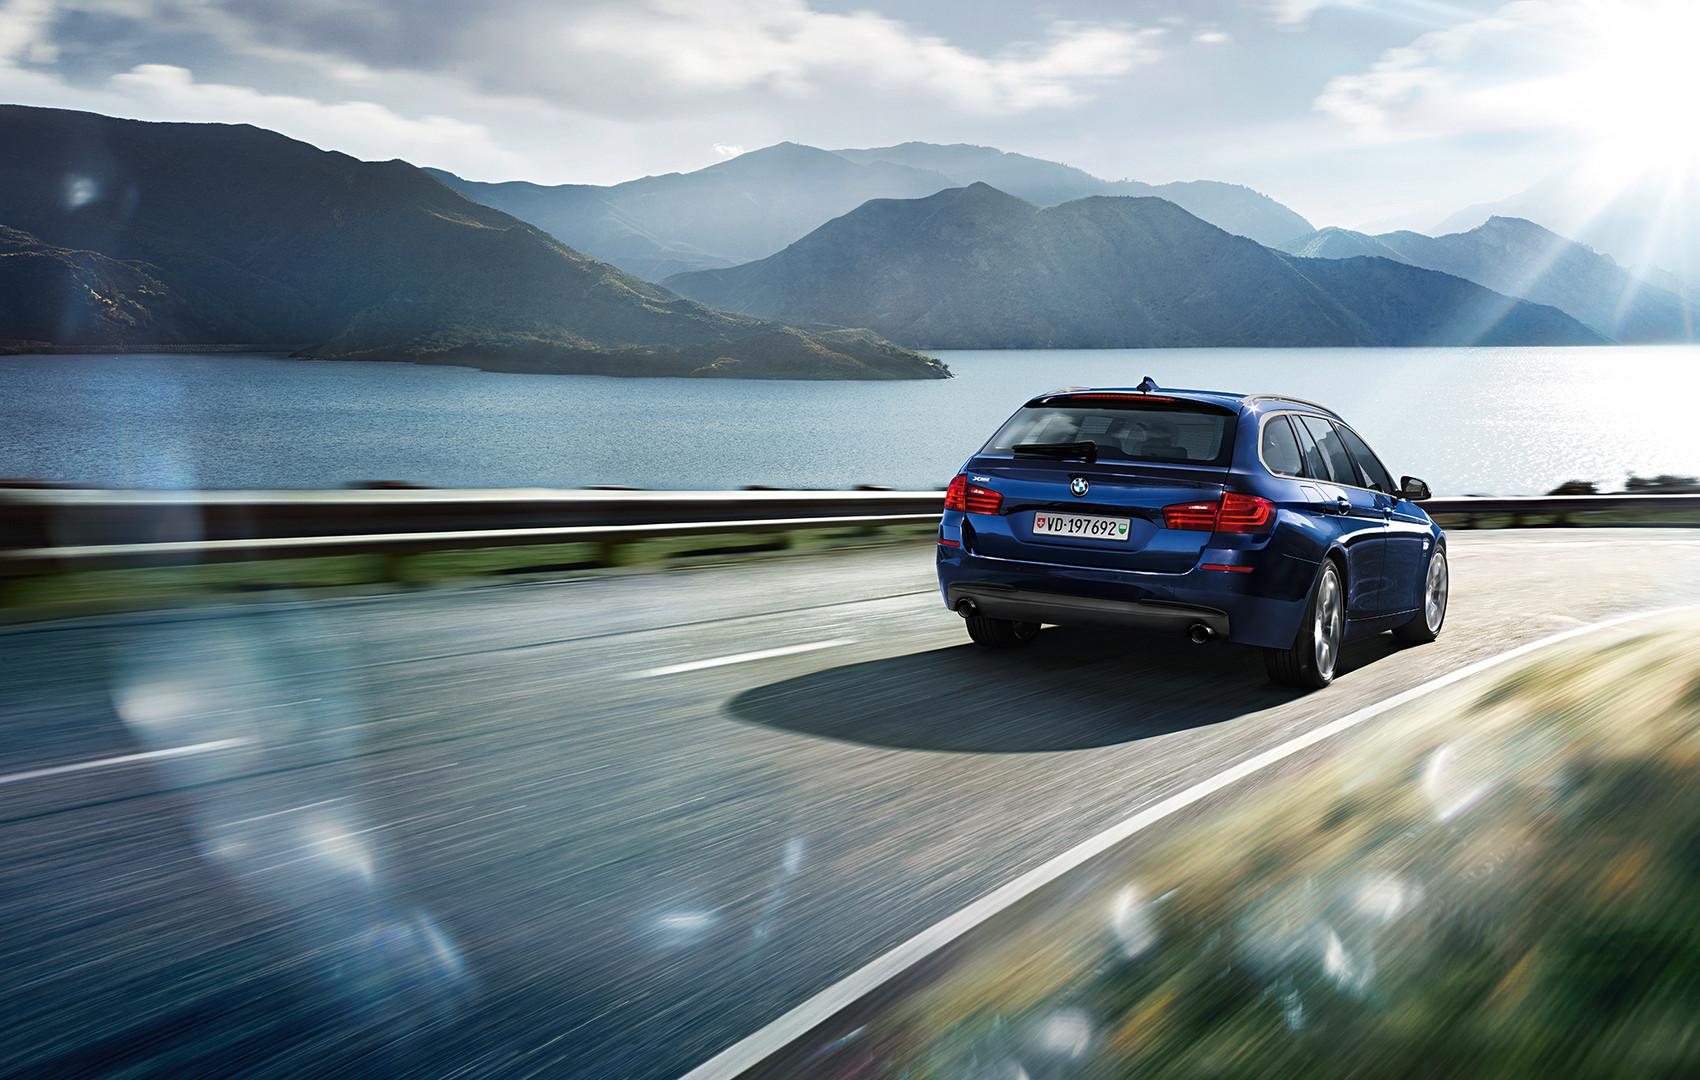 BMW_5er_Sujet_4.jpg